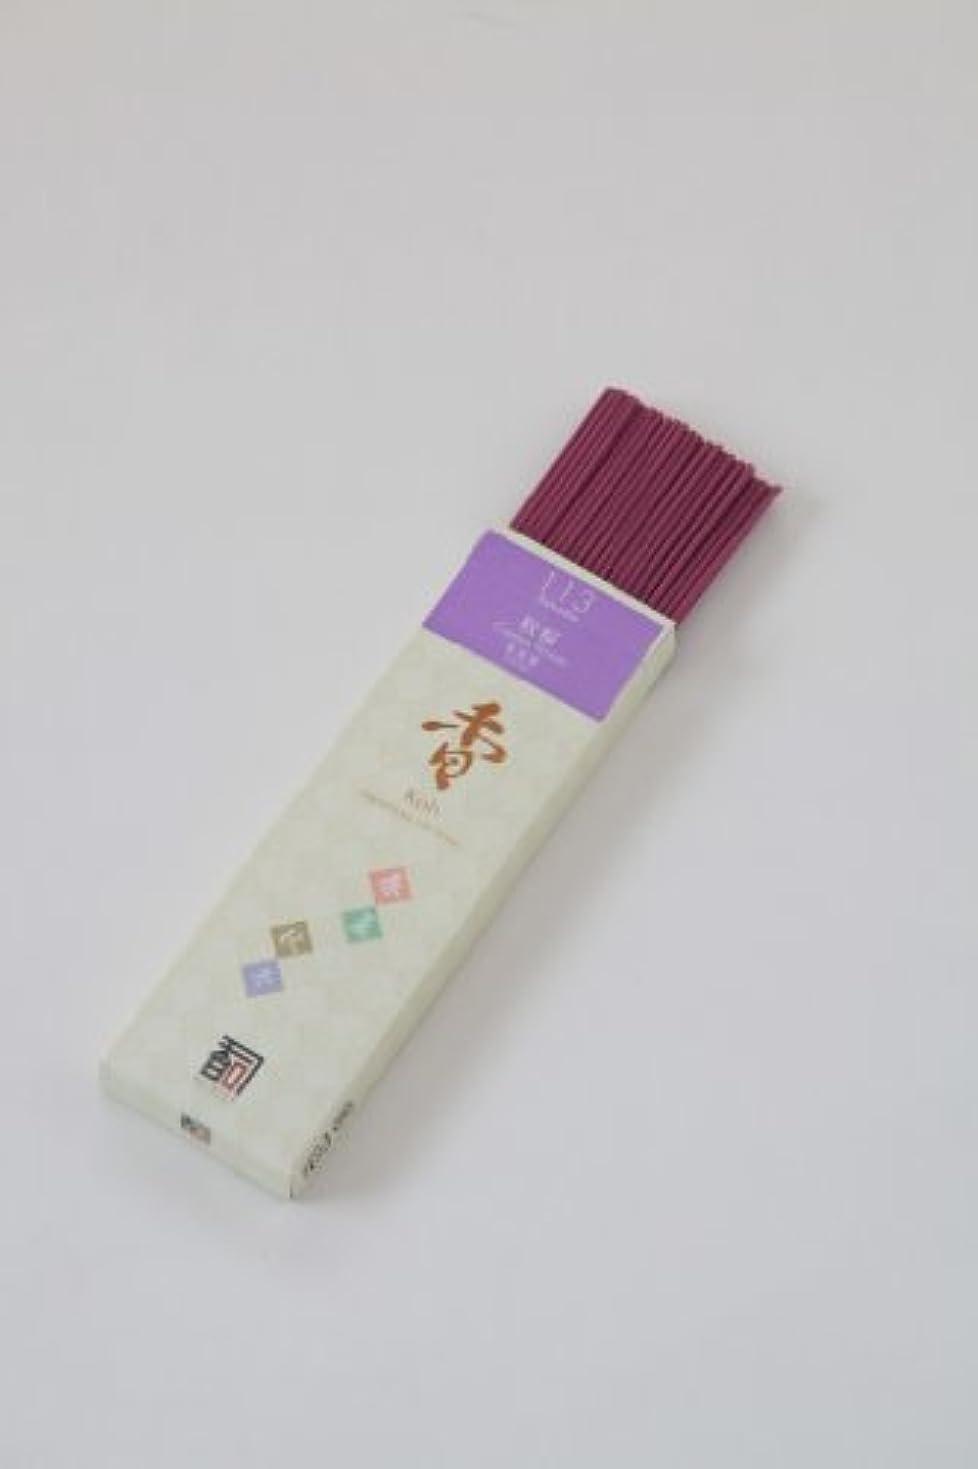 自明活気づく蒸発する「あわじ島の香司」 日本の香りシリーズ (春夏秋冬) 【113】  ◆秋桜◆